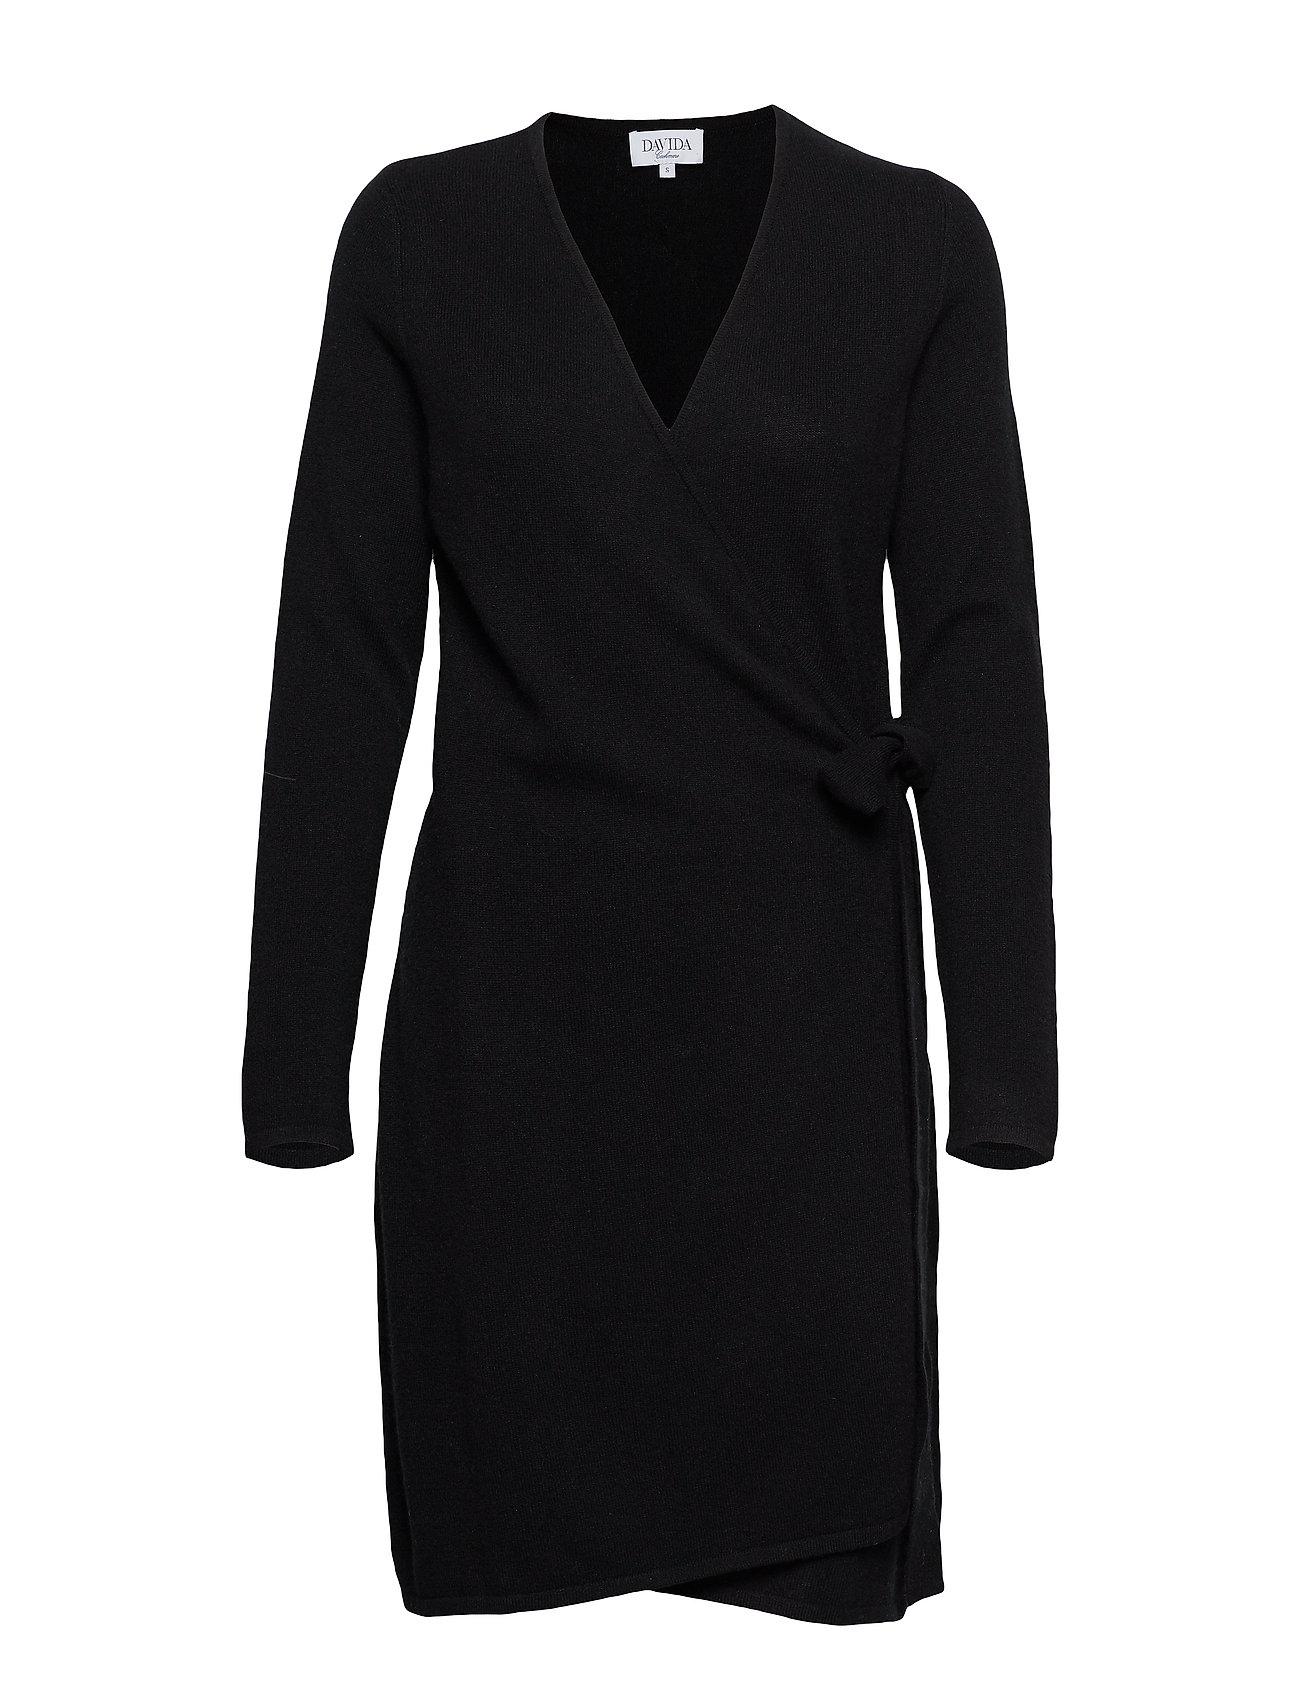 Davida Cashmere Wrap Over Dress - BLACK